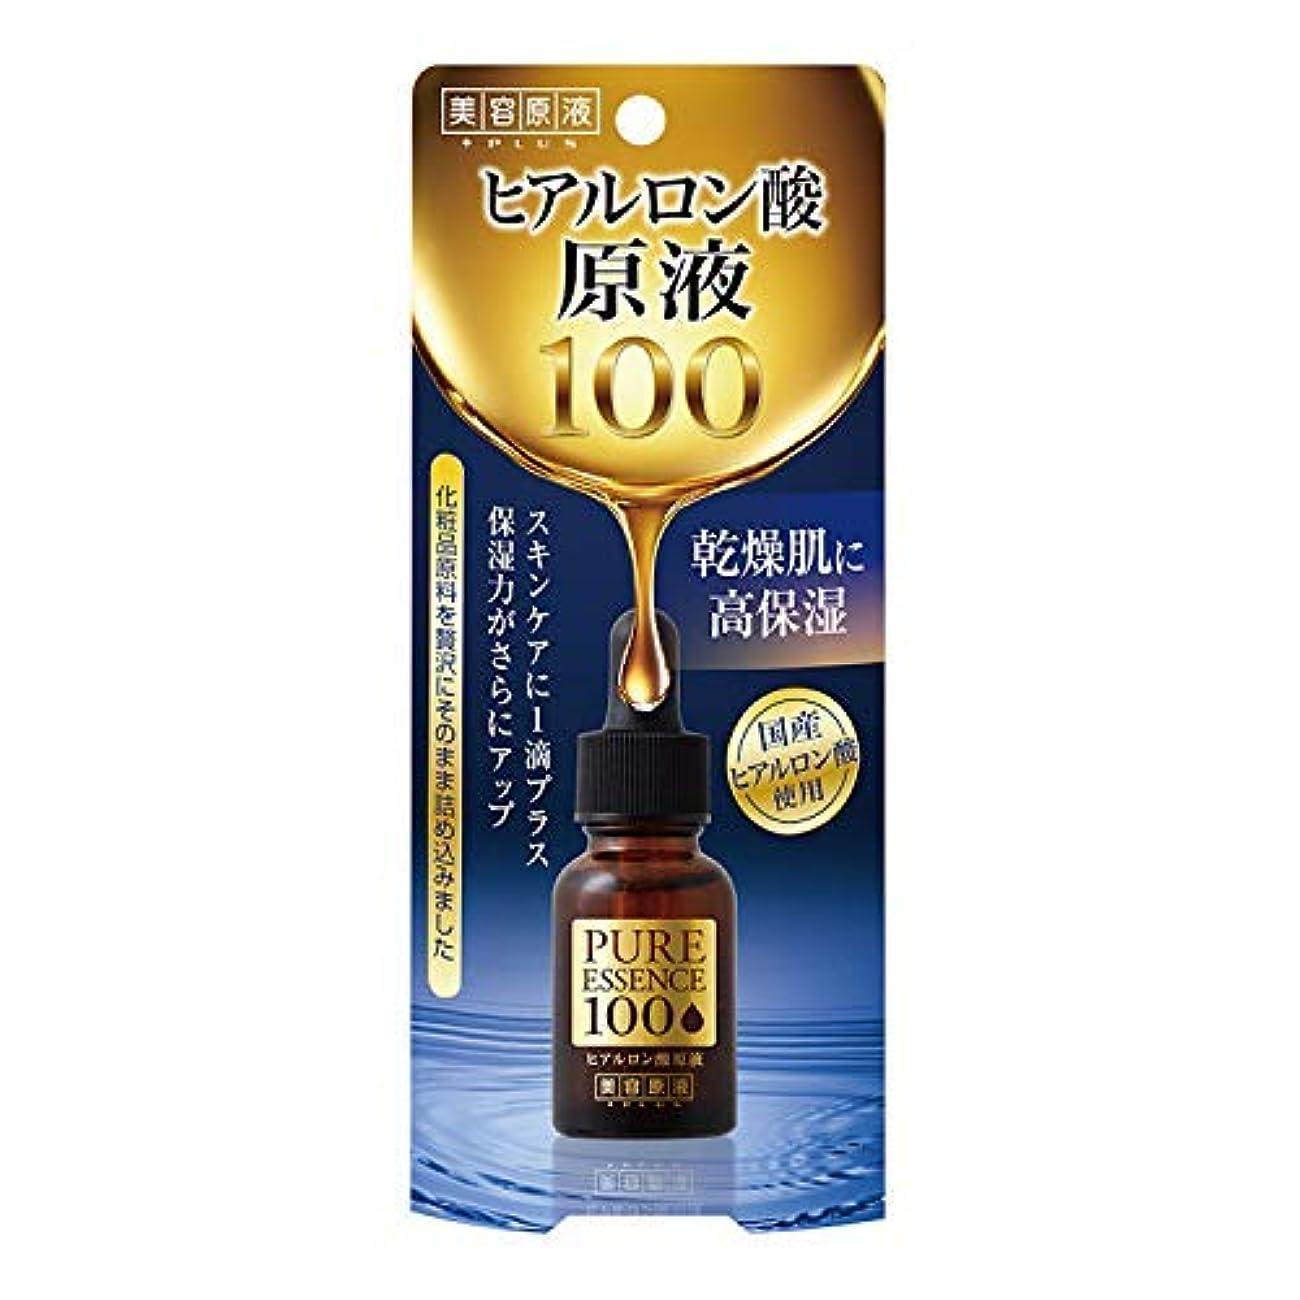 雨オール結果美容原液 ヒアルロン酸原液100N × 4個セット